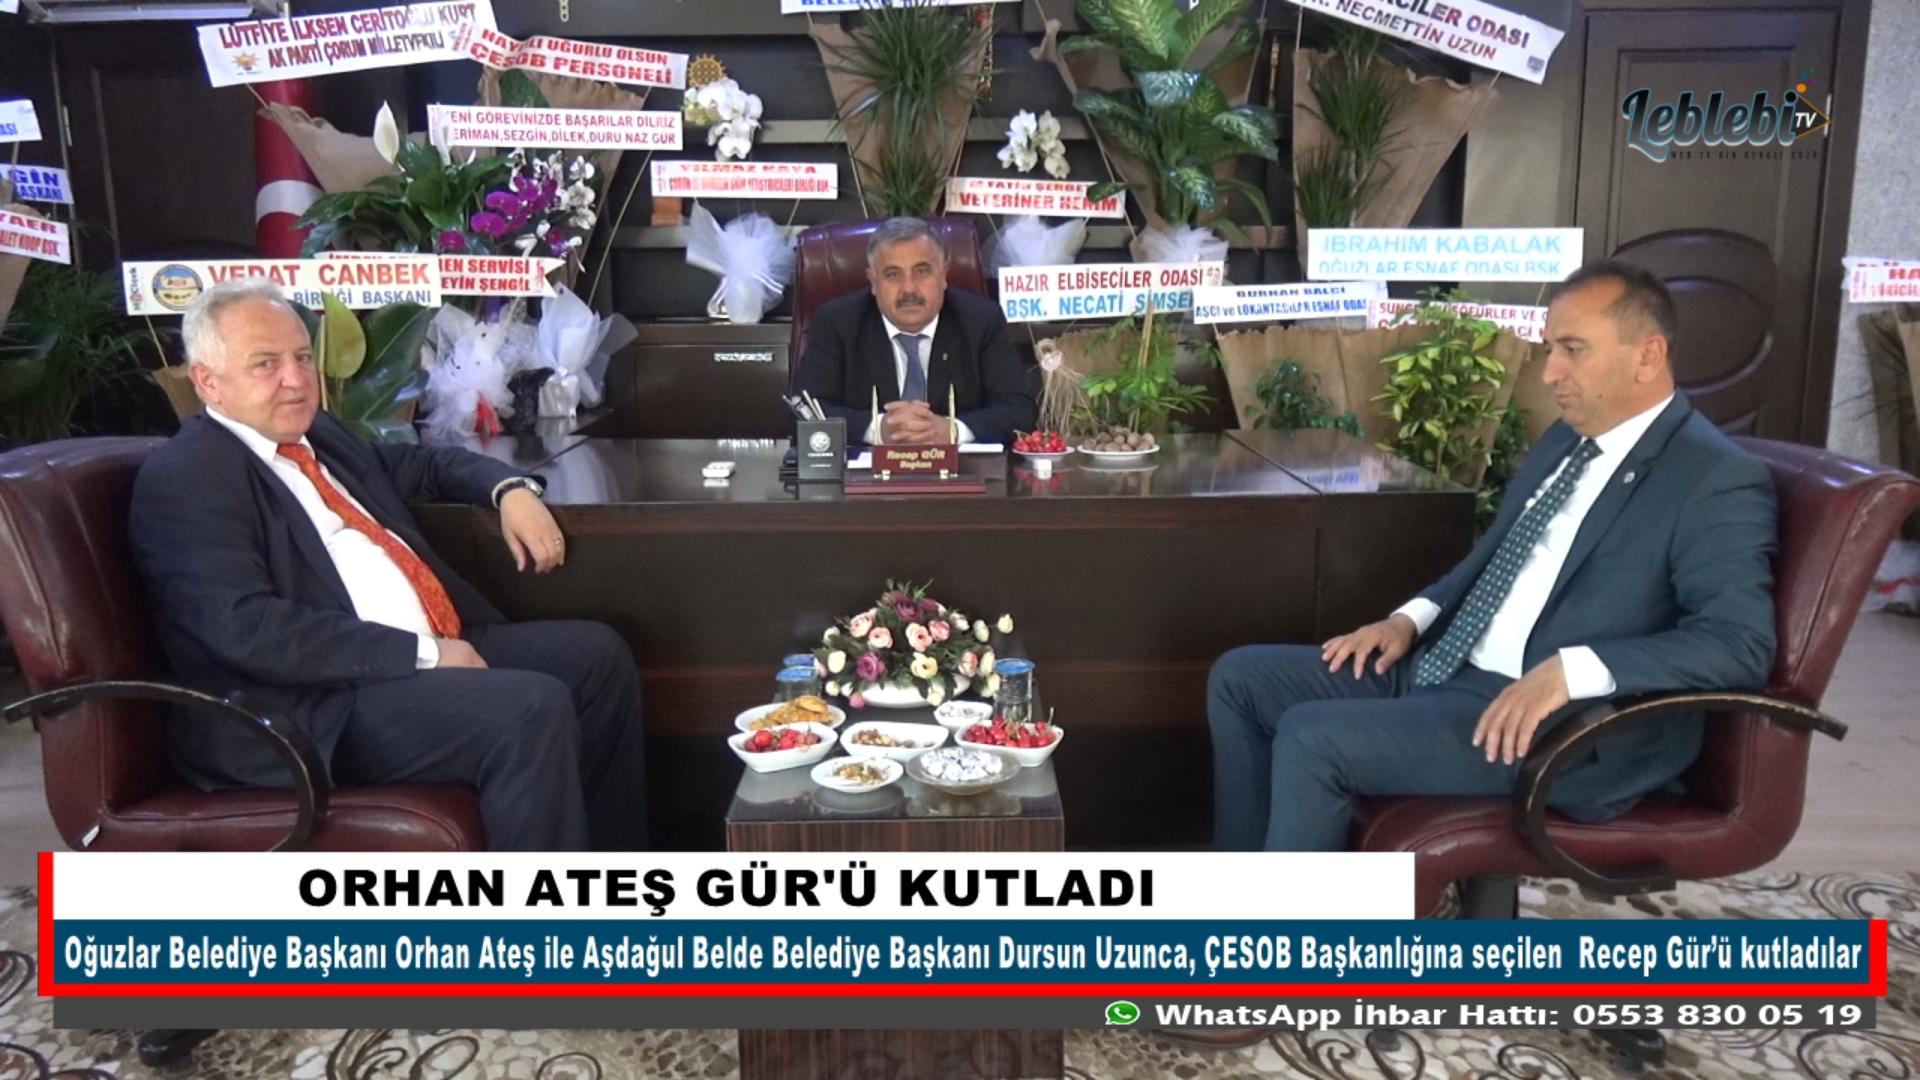 ORHAN ATEŞ GÜR'Ü KUTLADI